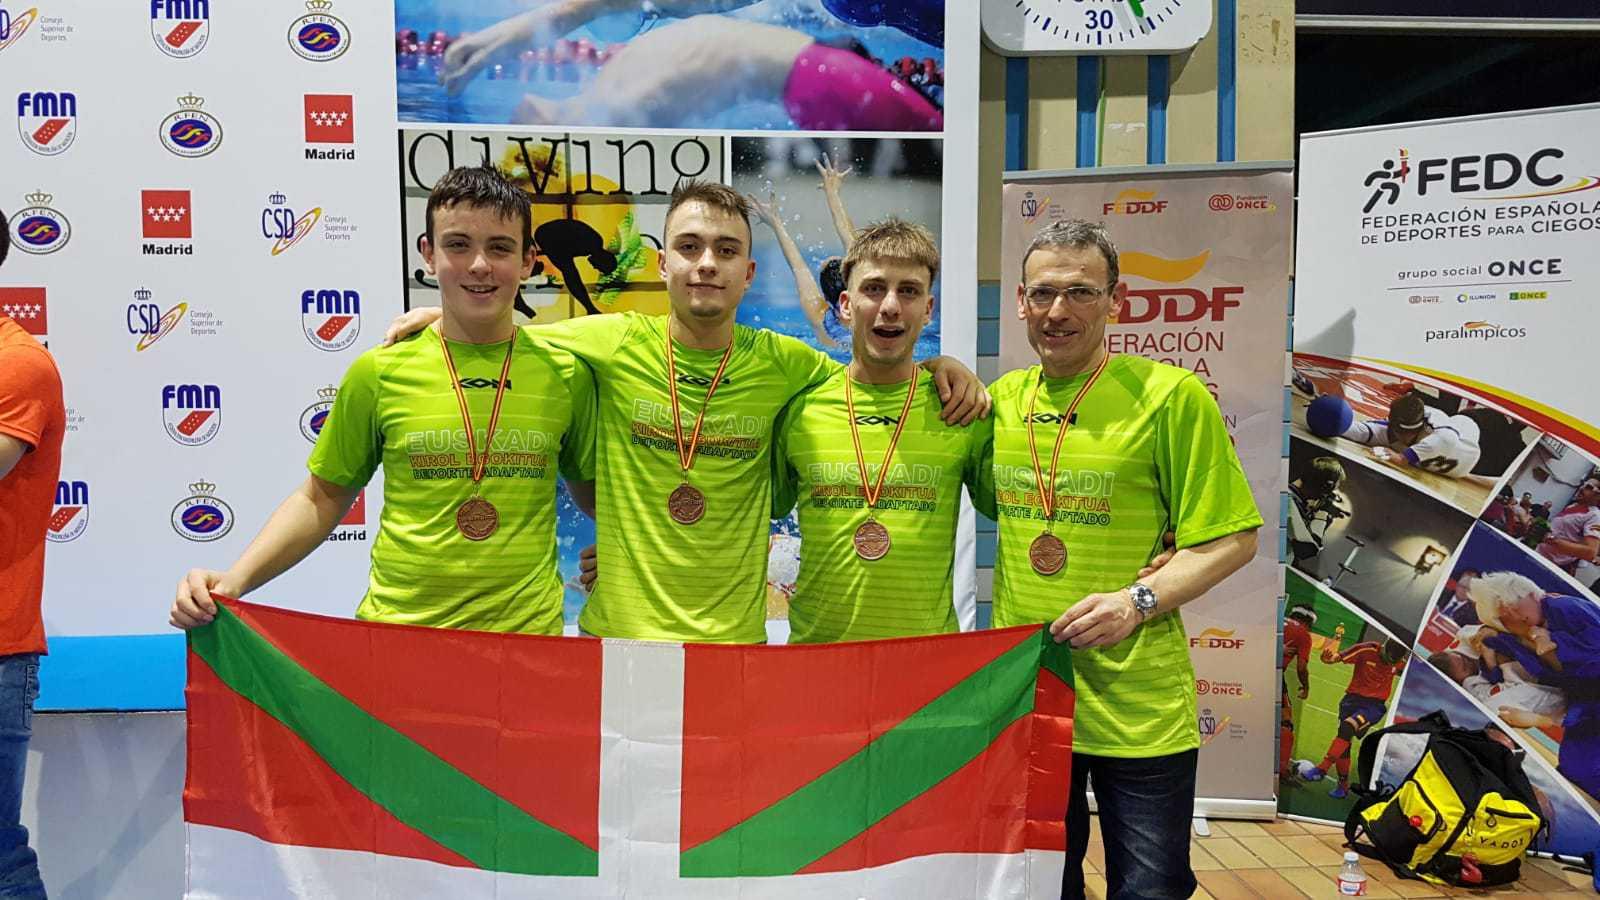 La seleccion de Euskadi de natación acude a Madrid al Campeonato de España de Natación - Konporta